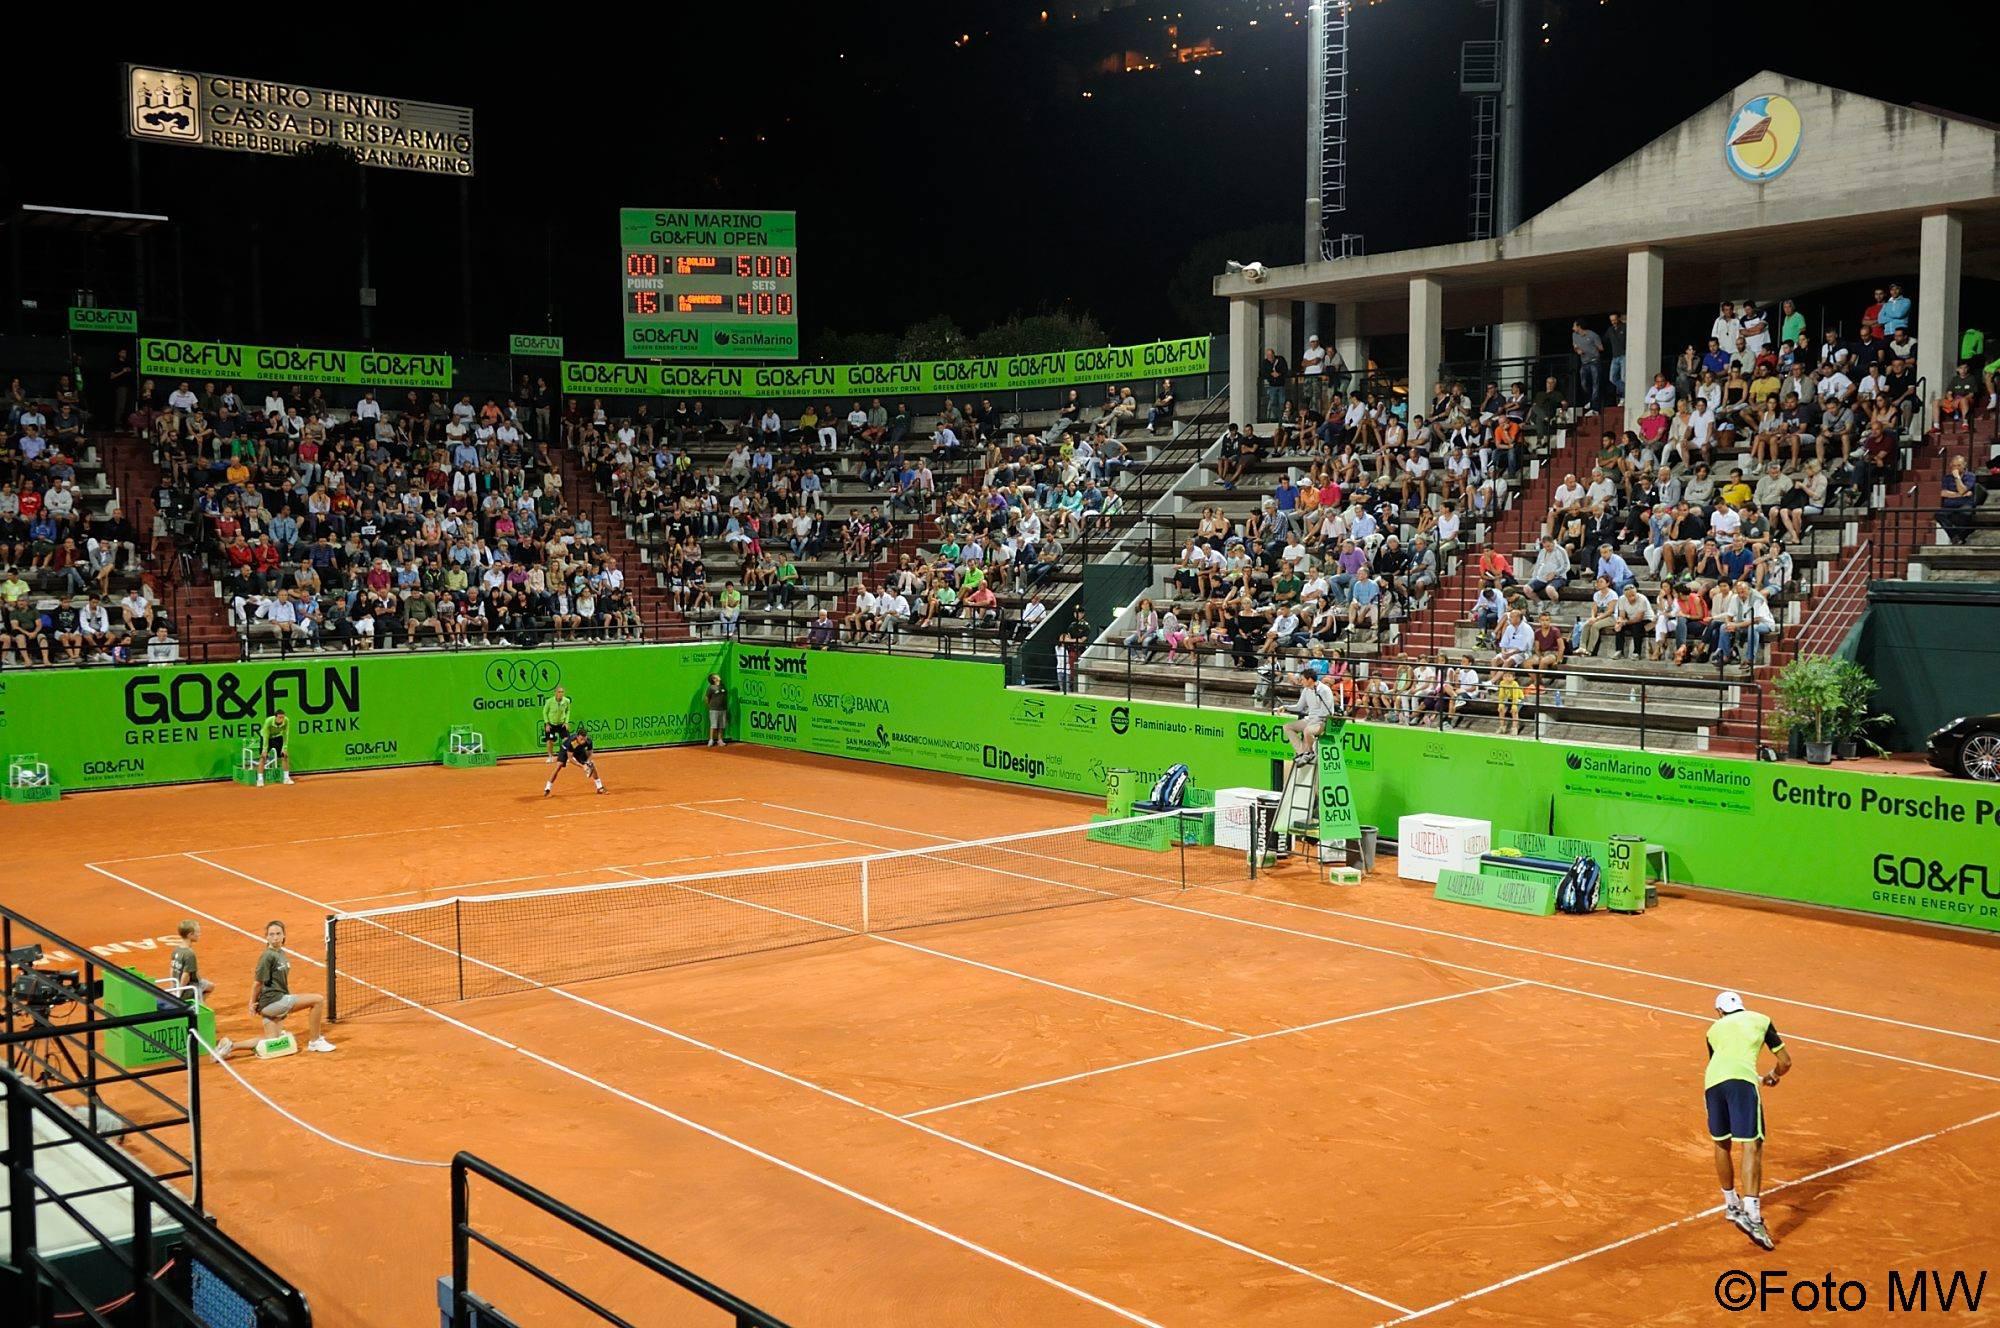 Un momento dell'ATP Challenger San Marino 2014 (foto MW)